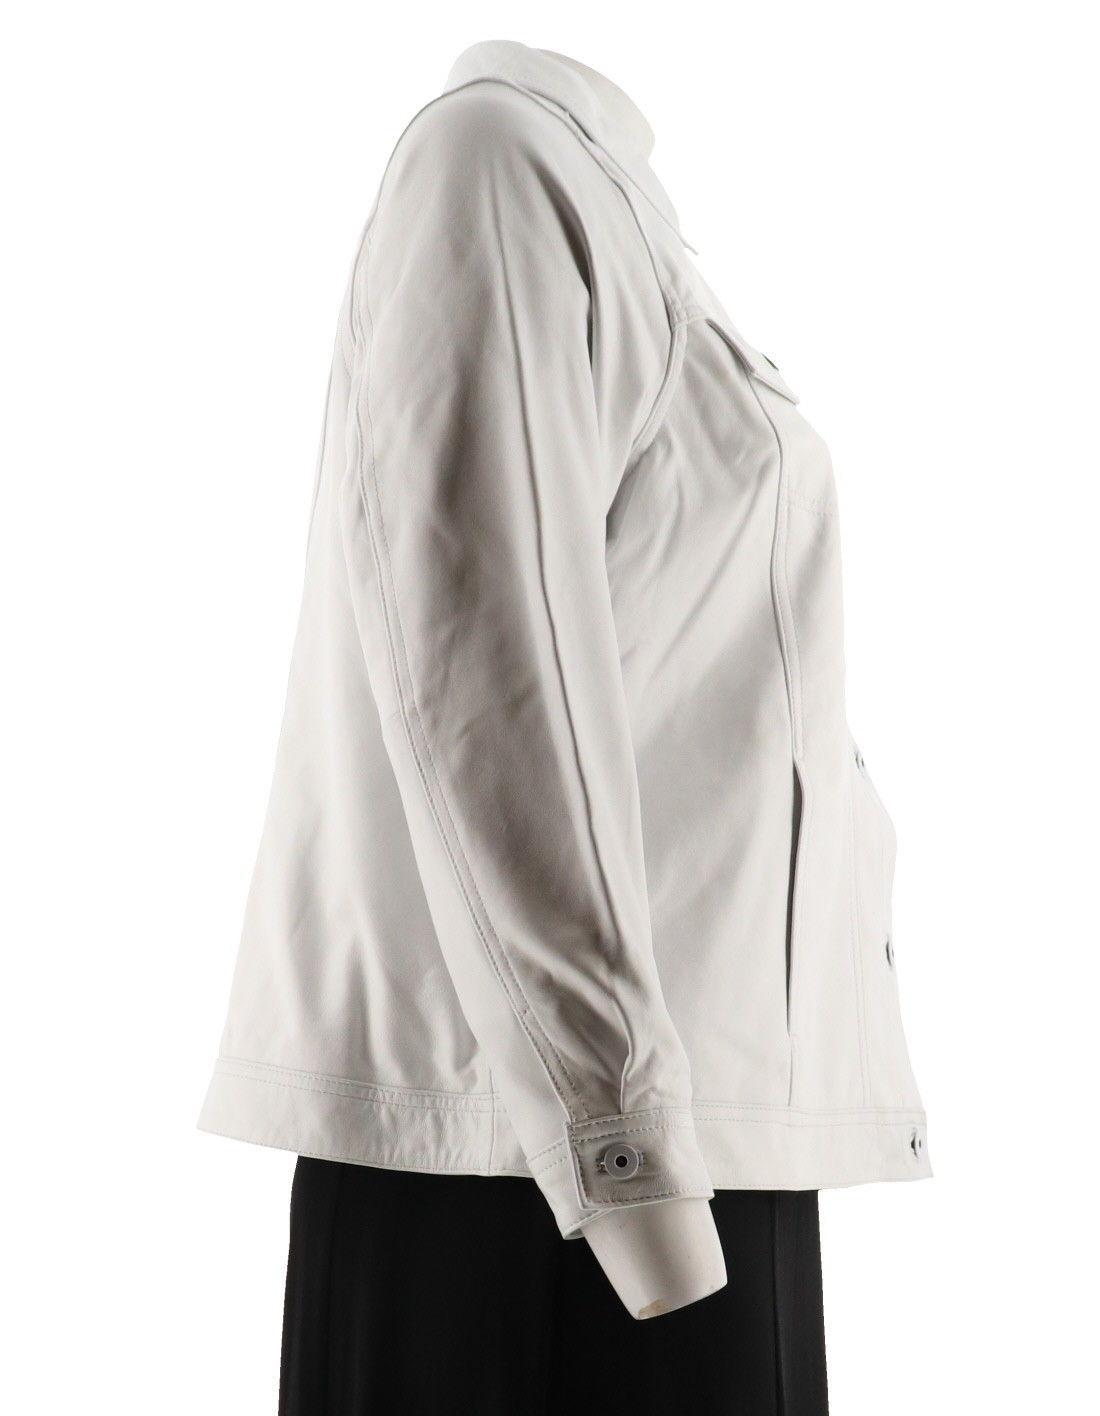 Denim & Co. Cordero Cuero Largo SLV Cuello Jean Jacket Blanco Suave XL Nuevo